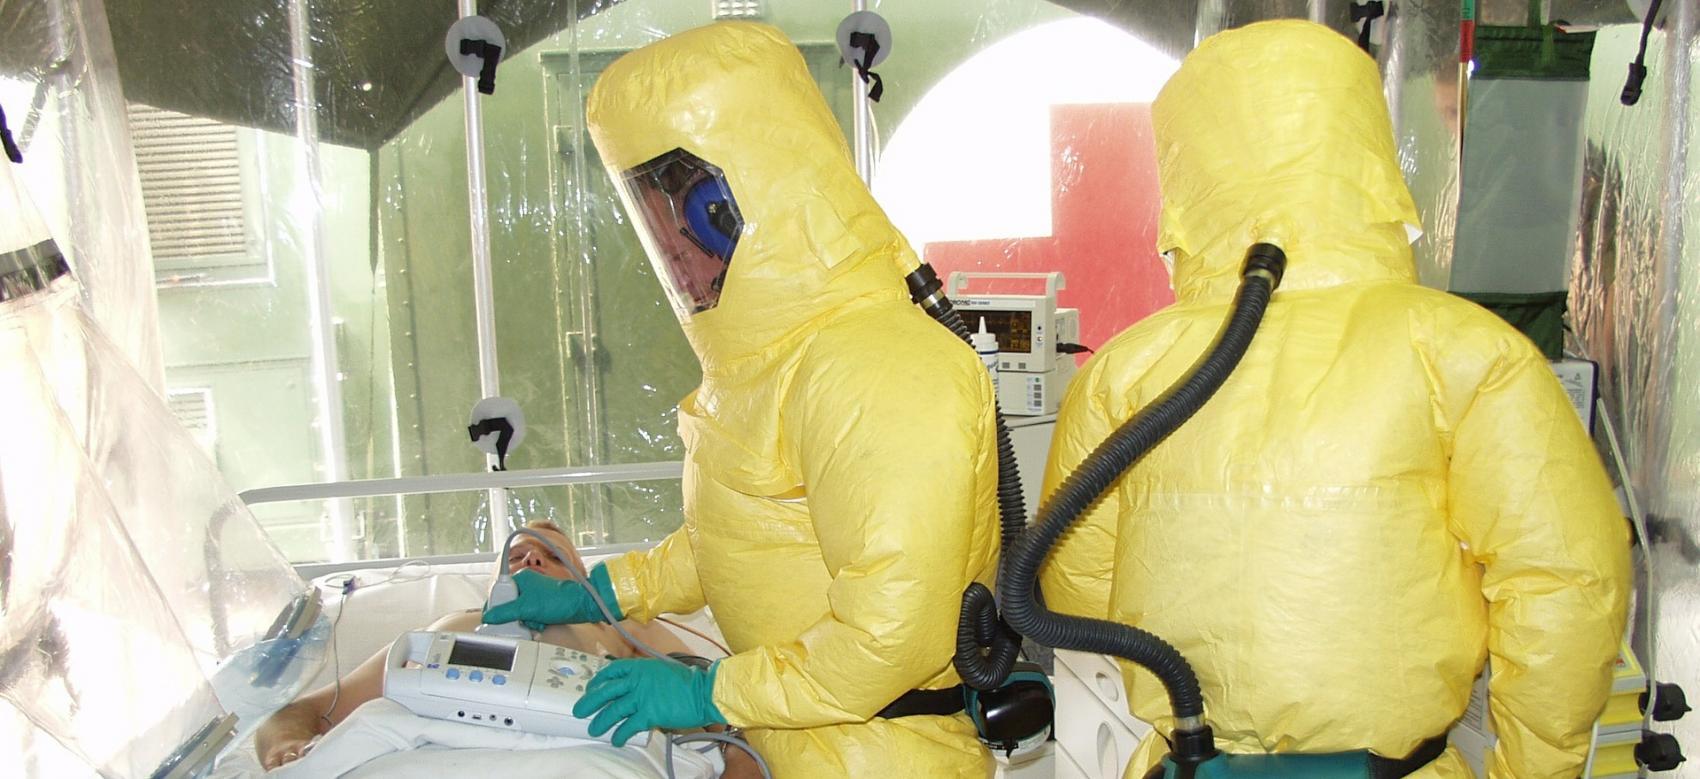 Es un aislamiento de un paciente, donde se observa a los médicos llevar trajes de Protección Personal de color amarillo